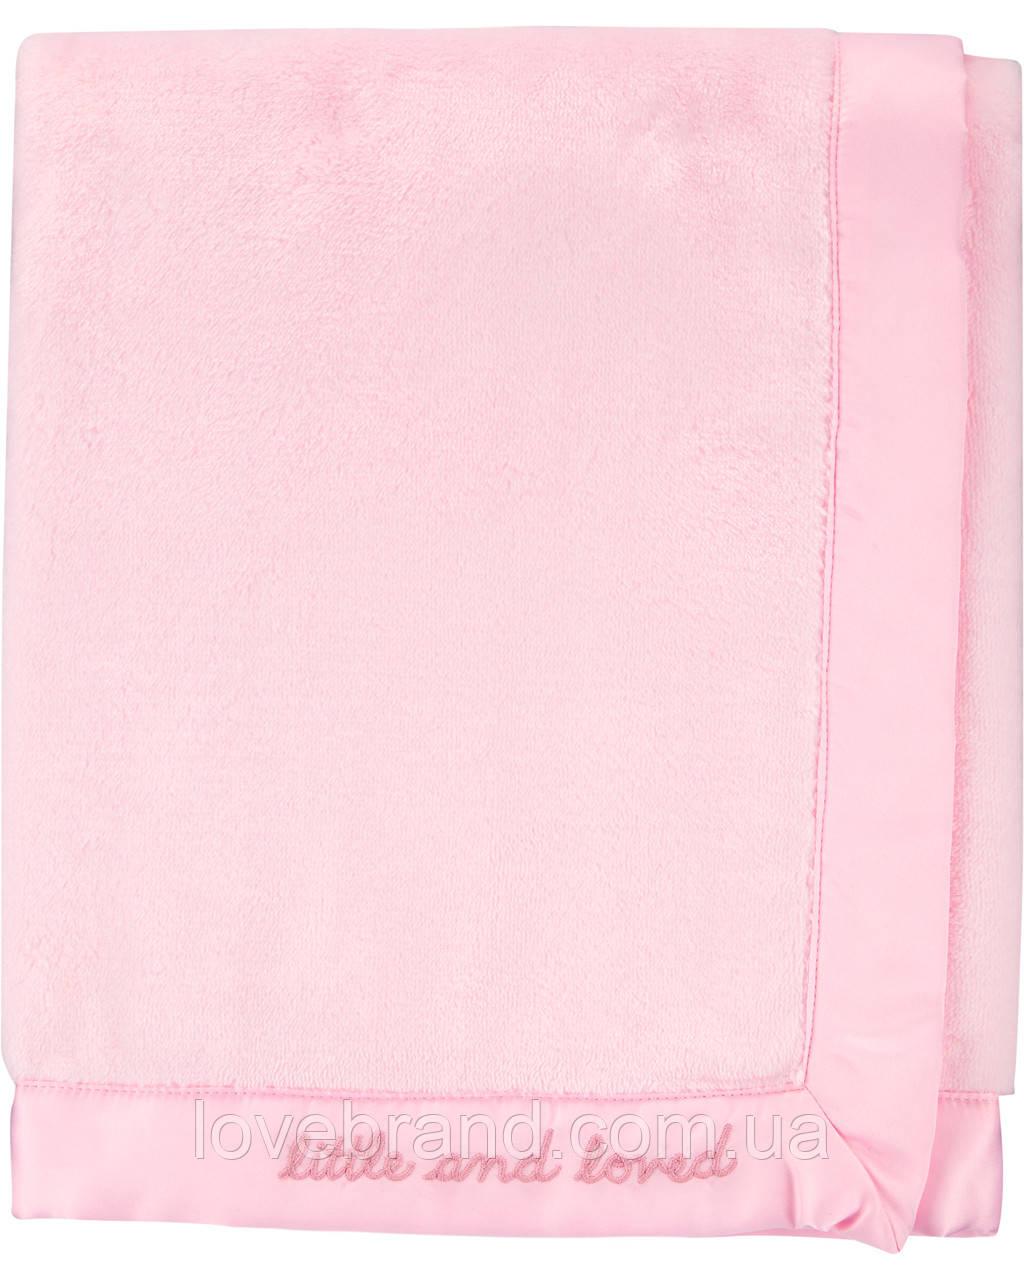 """Плед для новорожденной девочки Carter's розовый """"little and love"""", мягкое теплое одеялко плюшевое"""